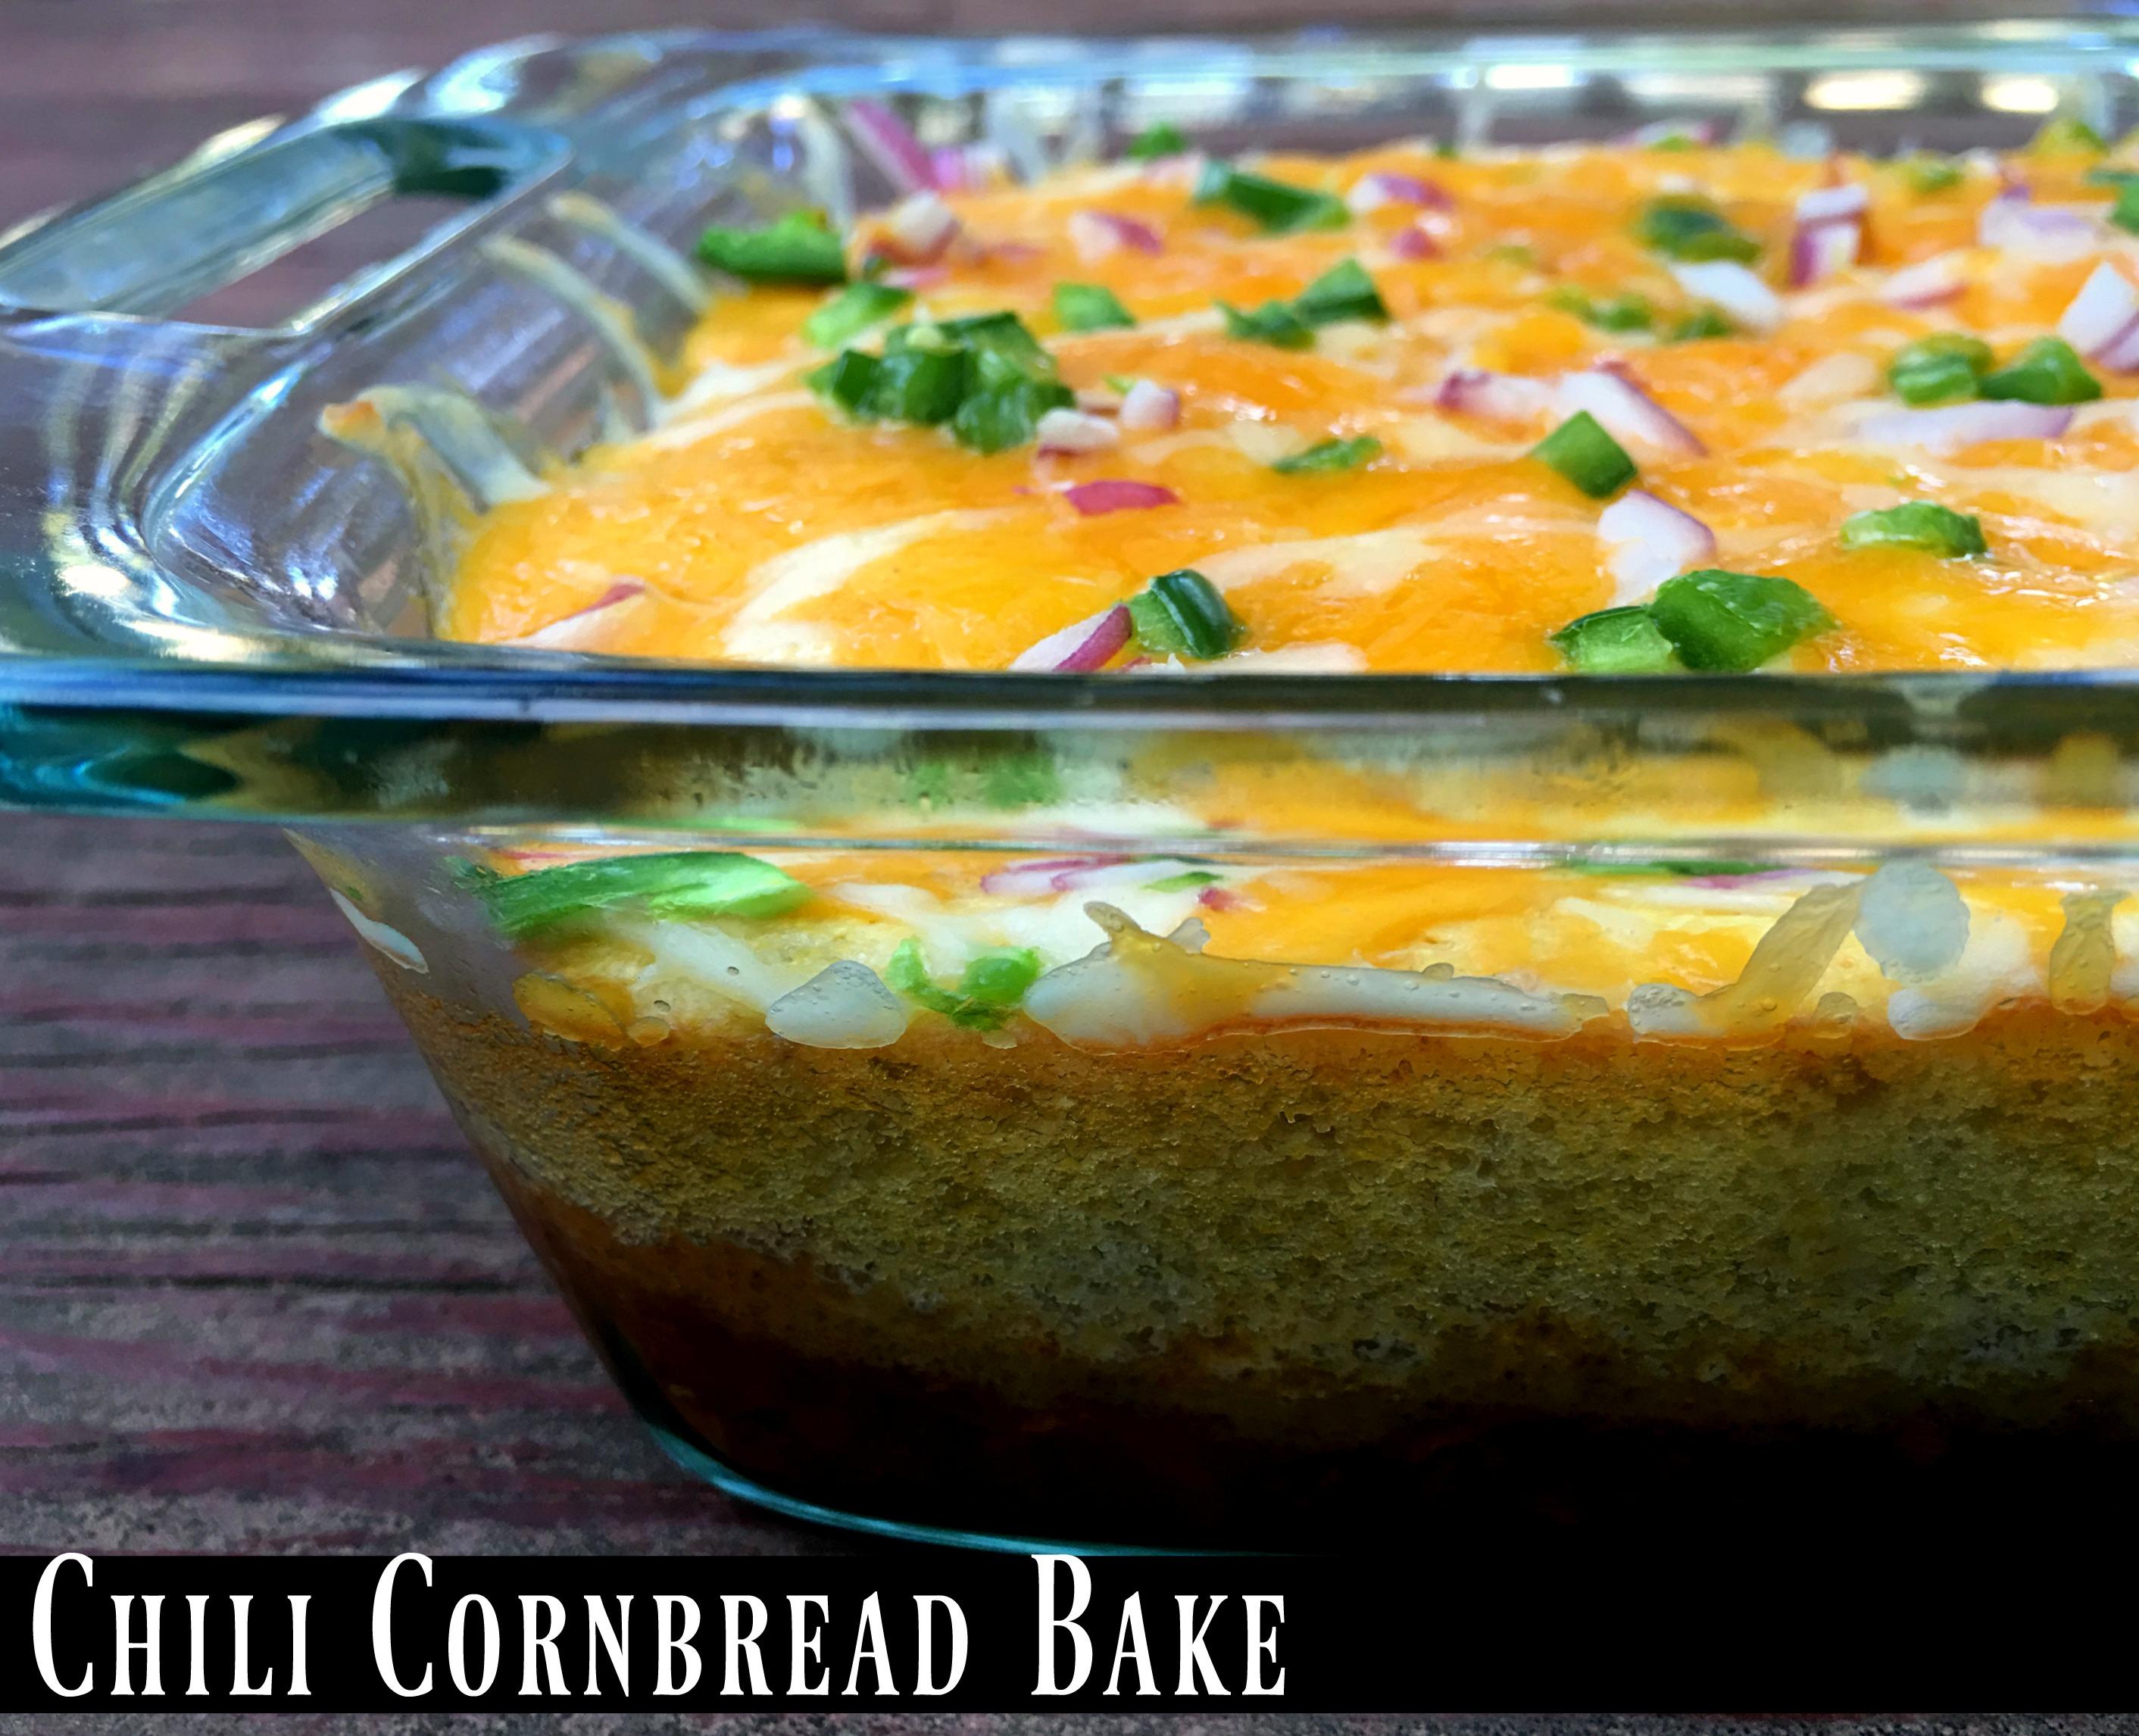 Leftover Chili Cornbread Bake